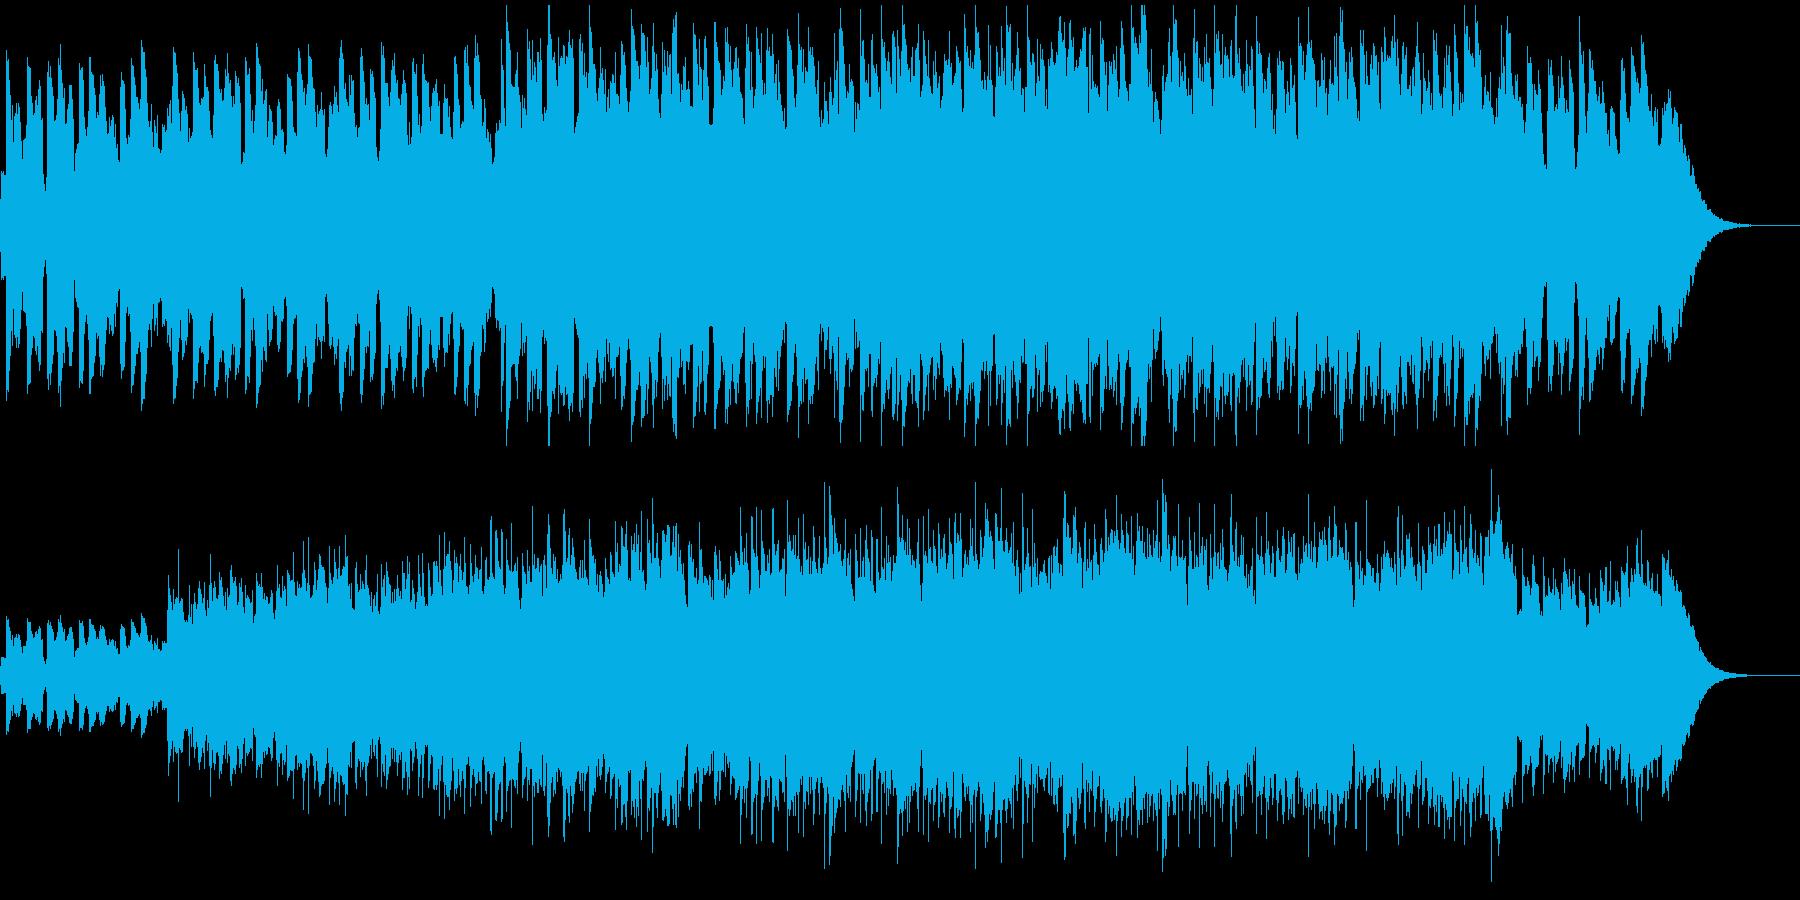 ハンドパンが幻想的な世界を作るBGMの再生済みの波形